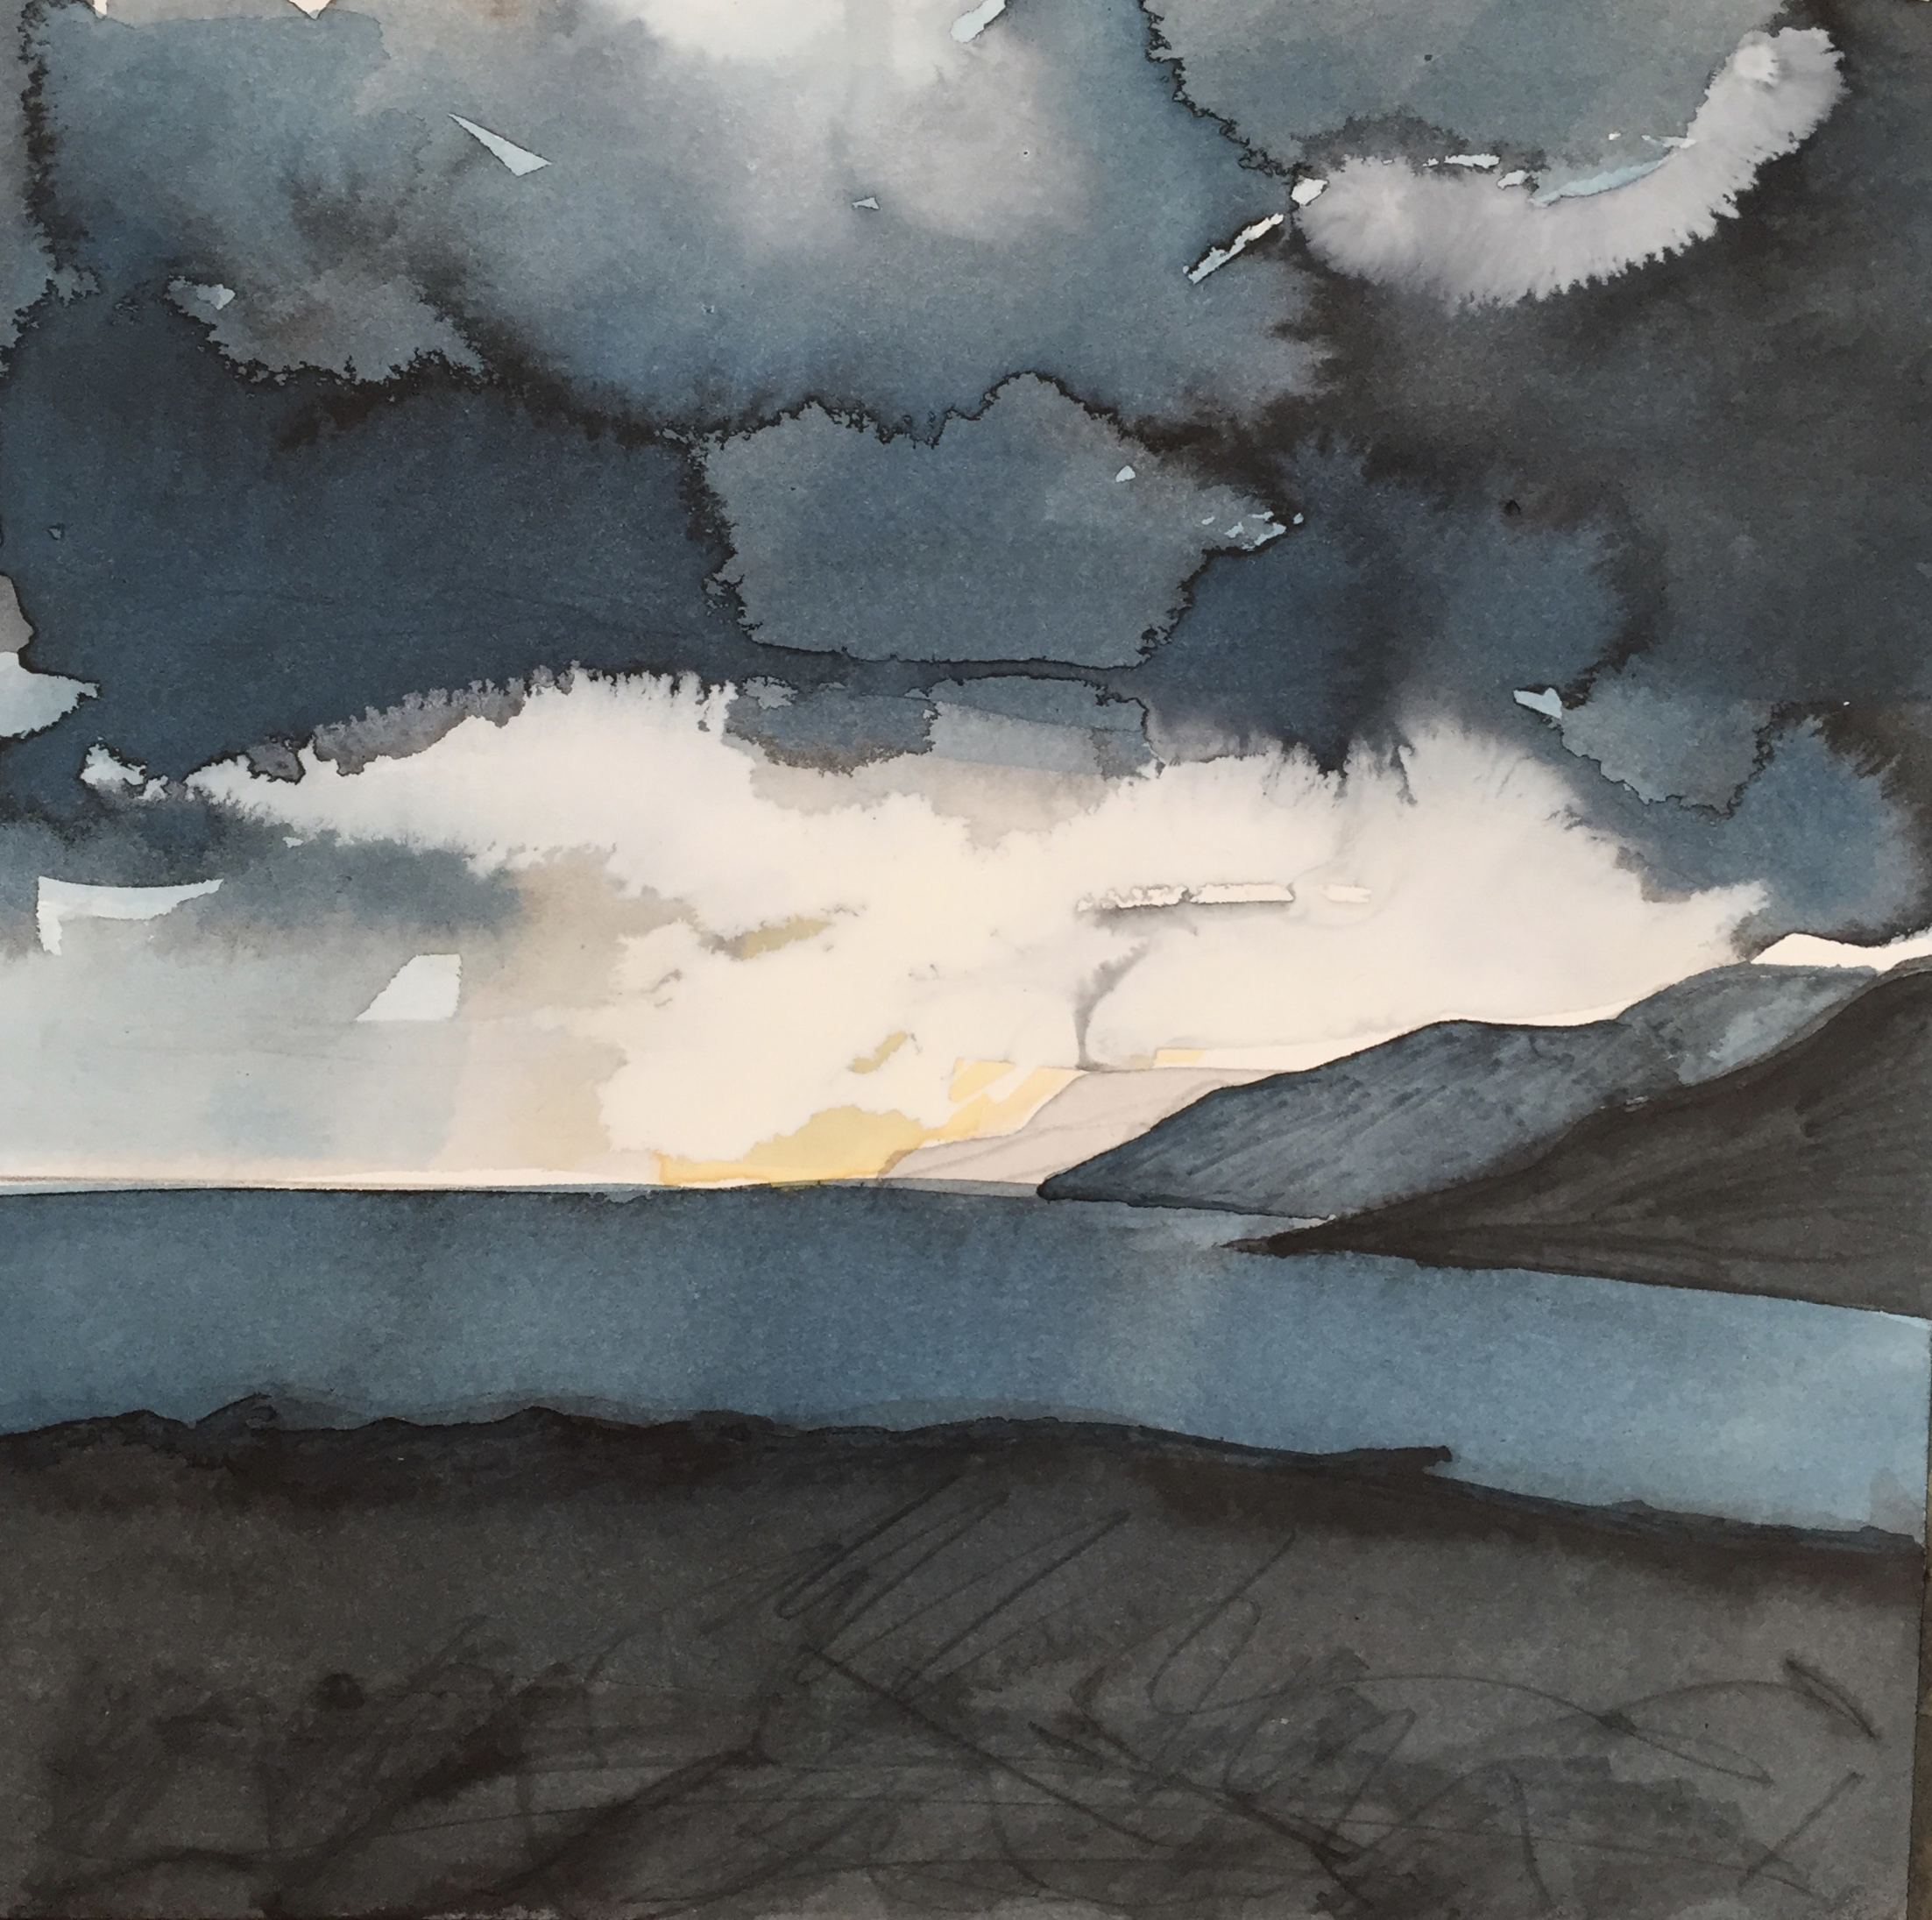 Loch na Keal 05 Winter Light